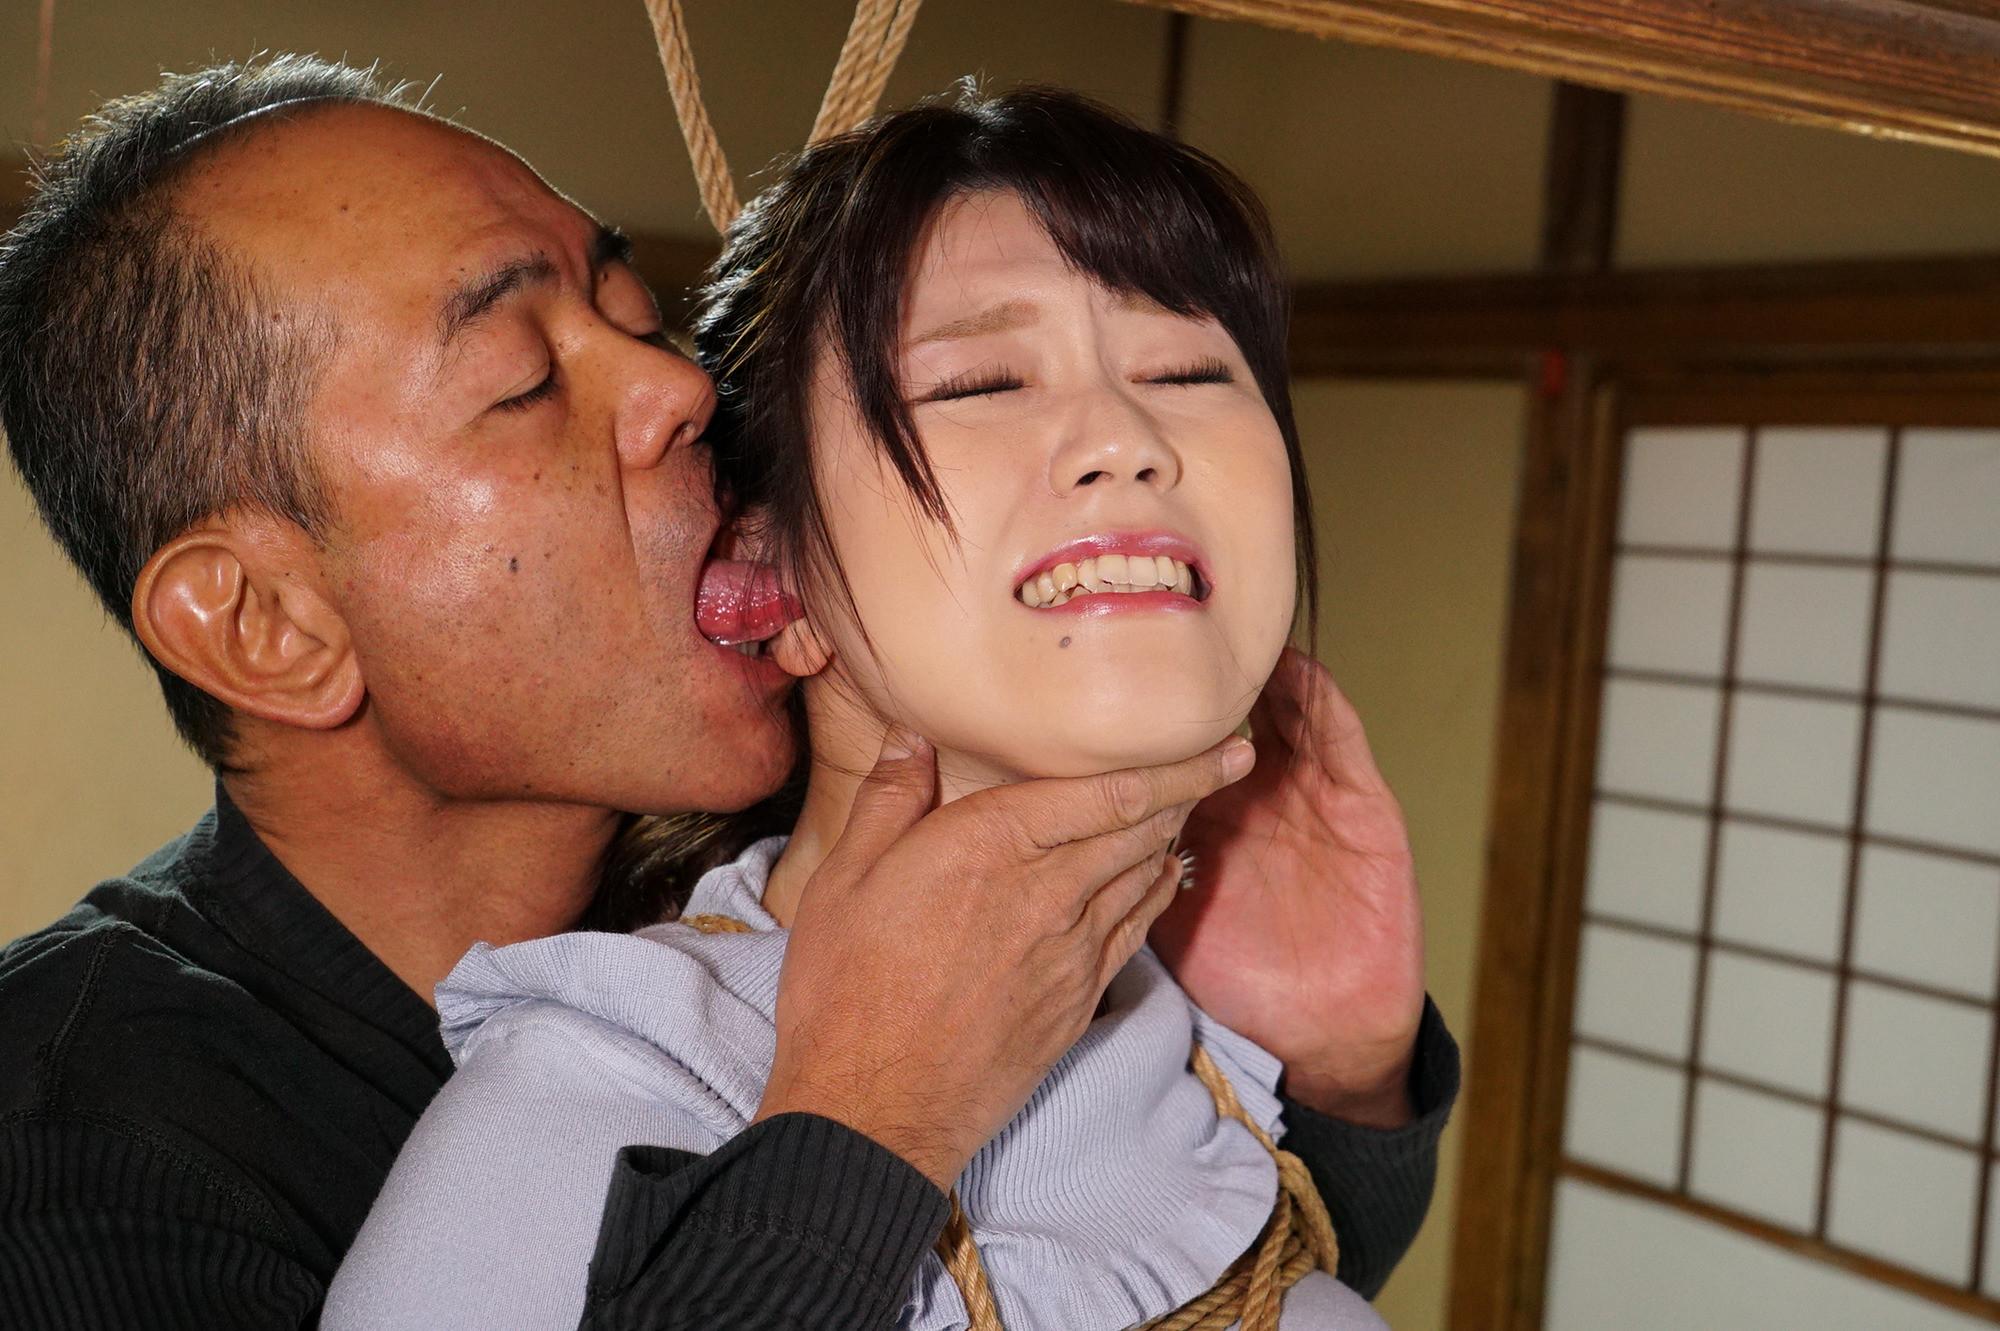 犯された不倫妻 義父の緊縛お仕置きに咽び泣く 浅宮ちなつ 画像11